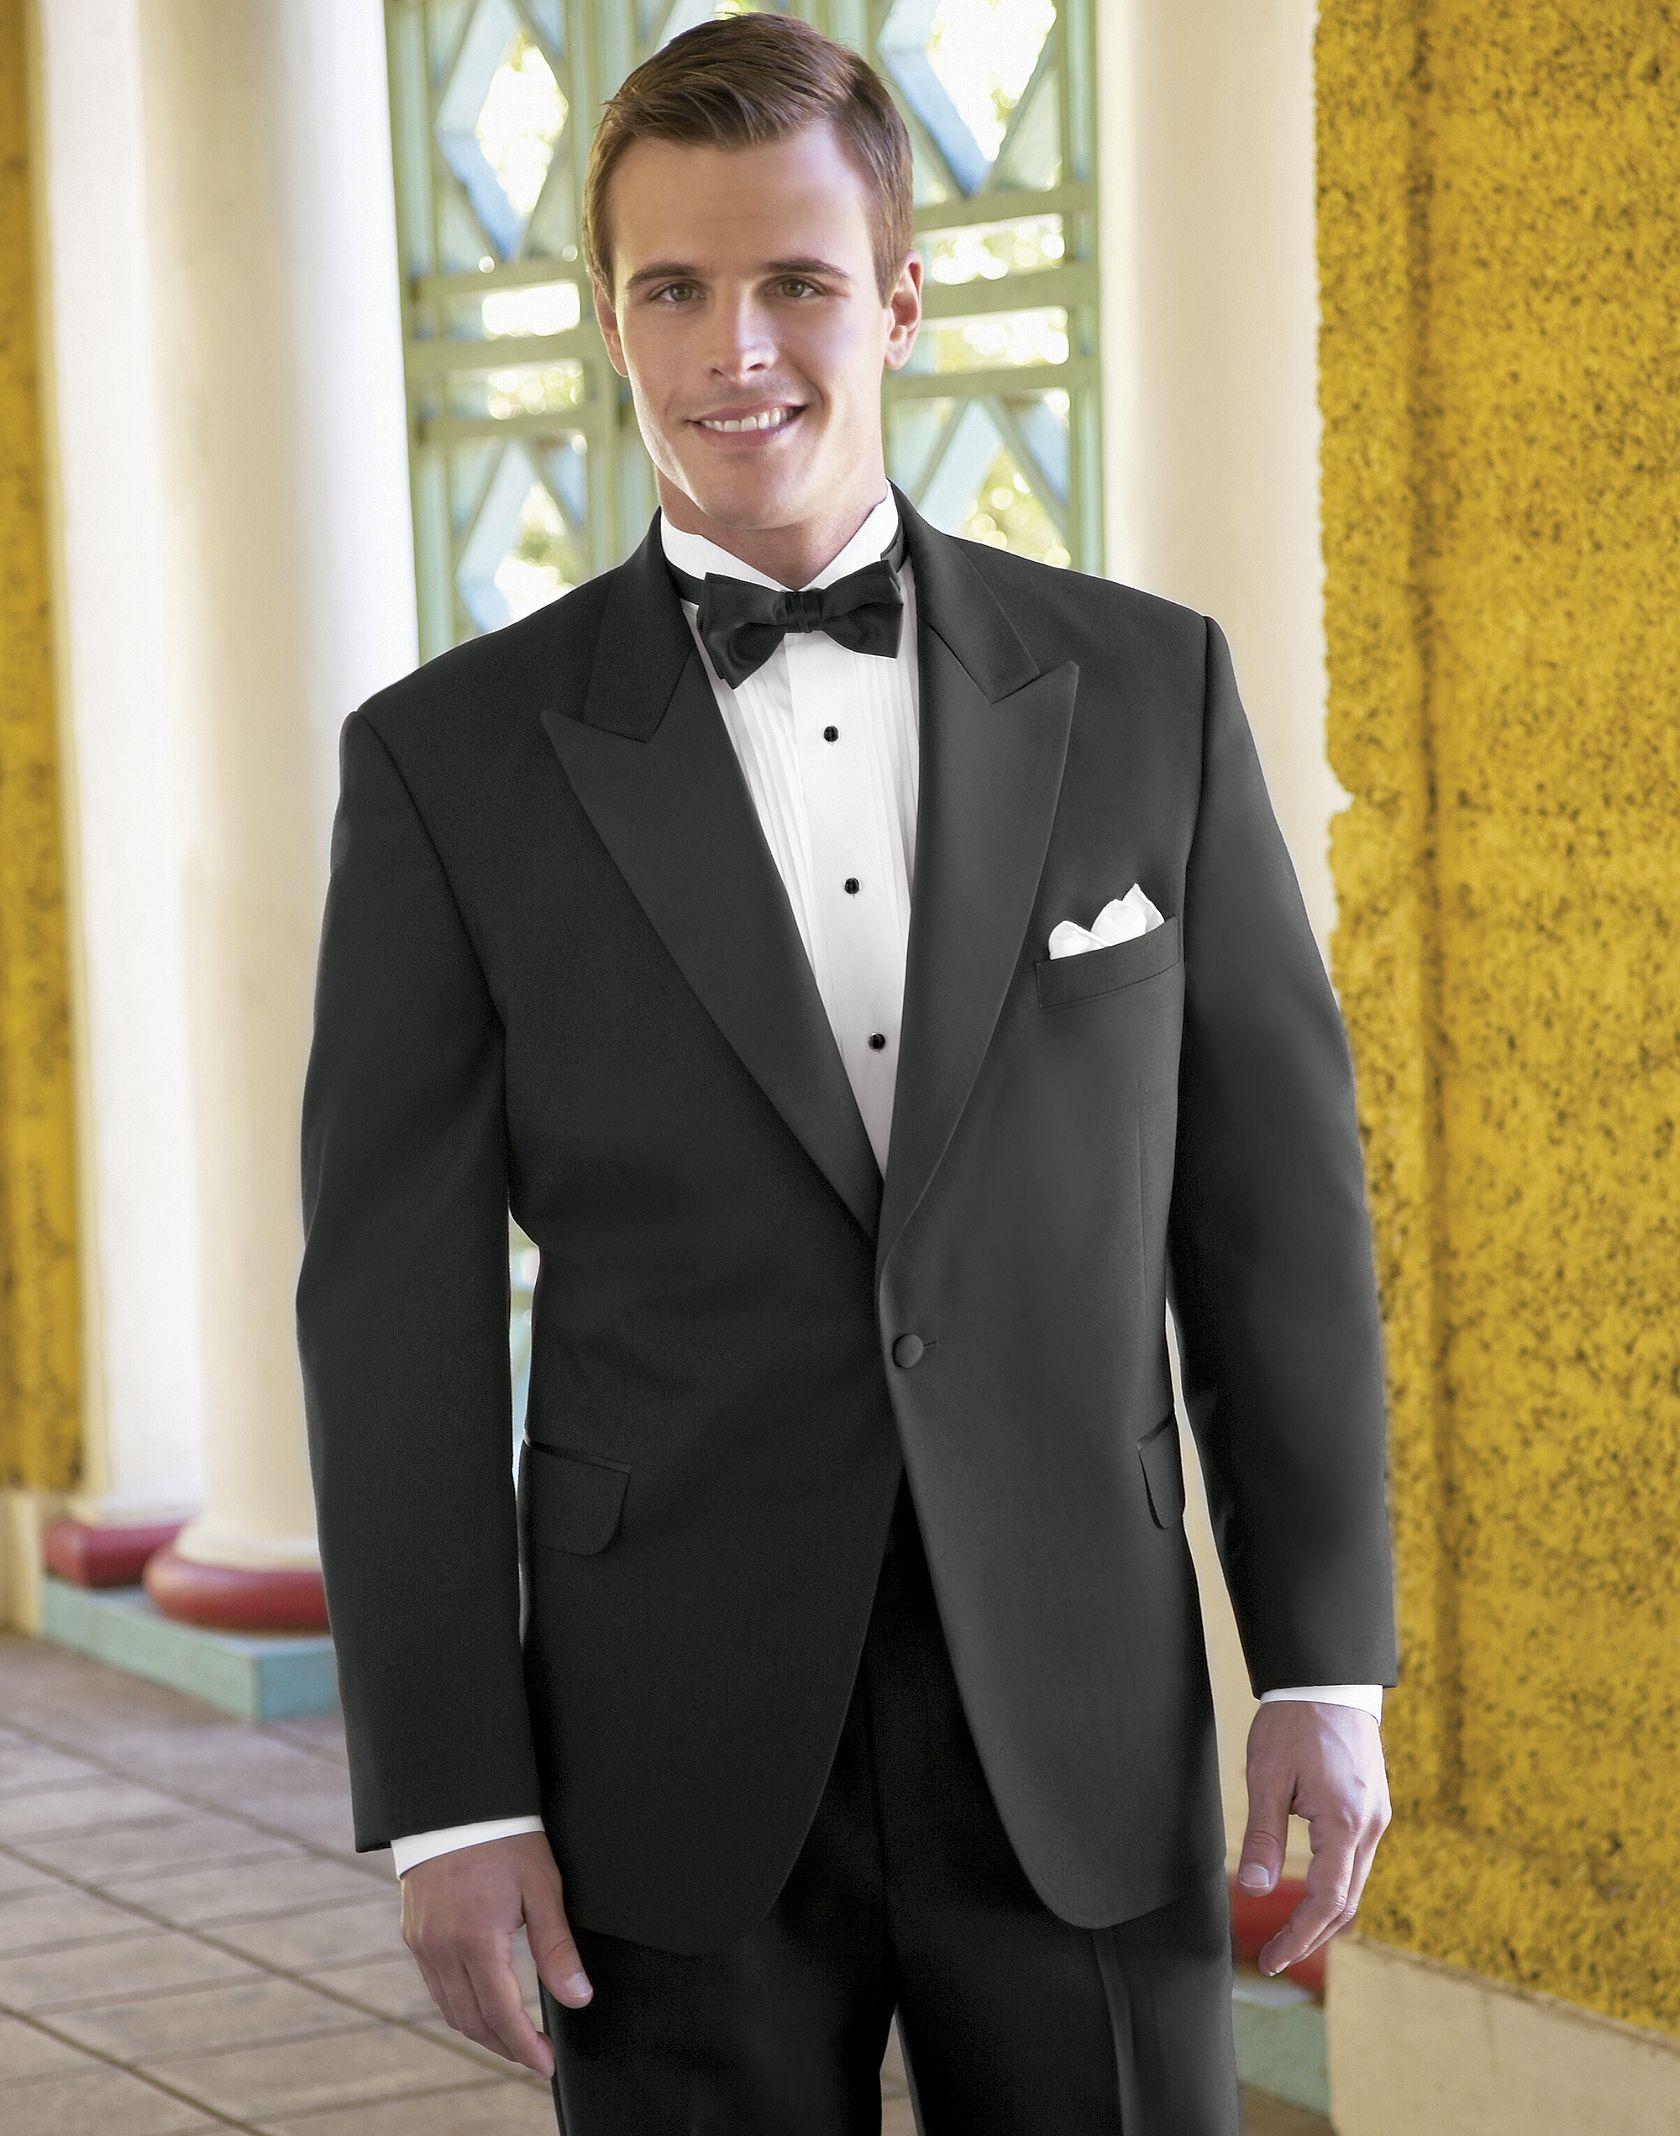 Tuxedo rentals rent a tuxedo at jos a bank tuxedos pinterest